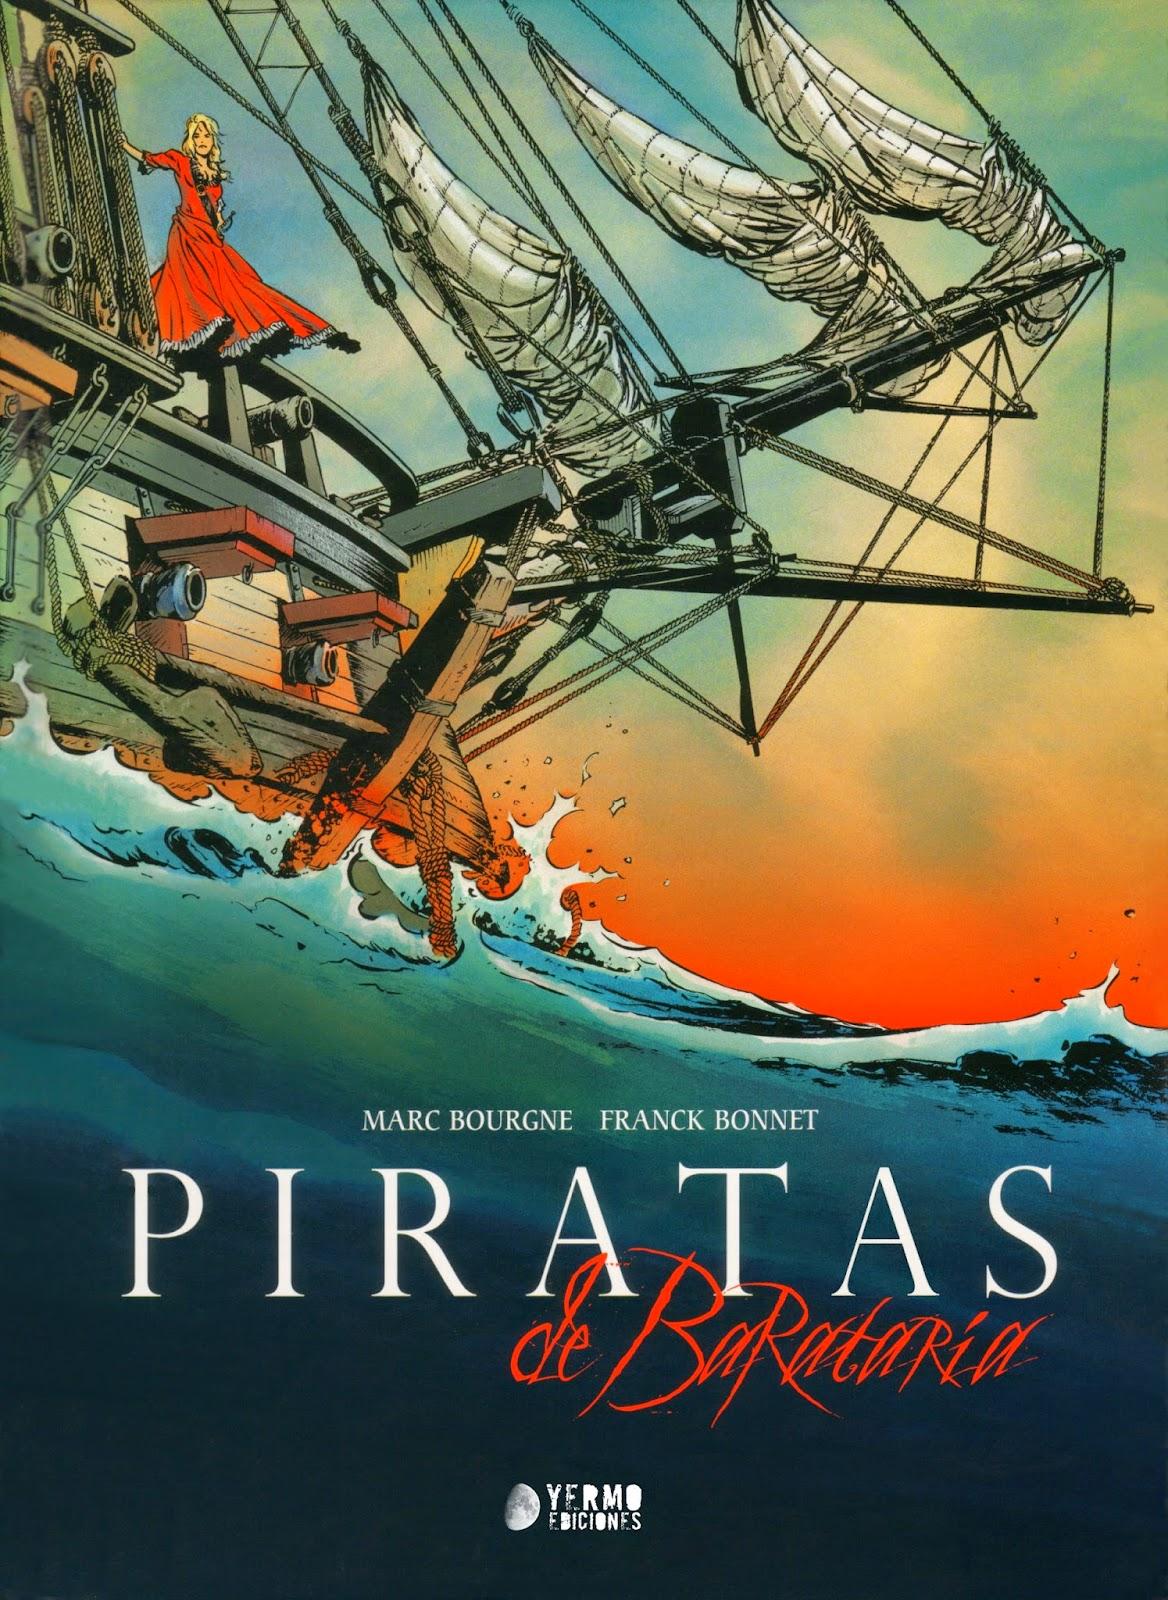 piratas de barataria comic yermo ediciones bonnet borgne